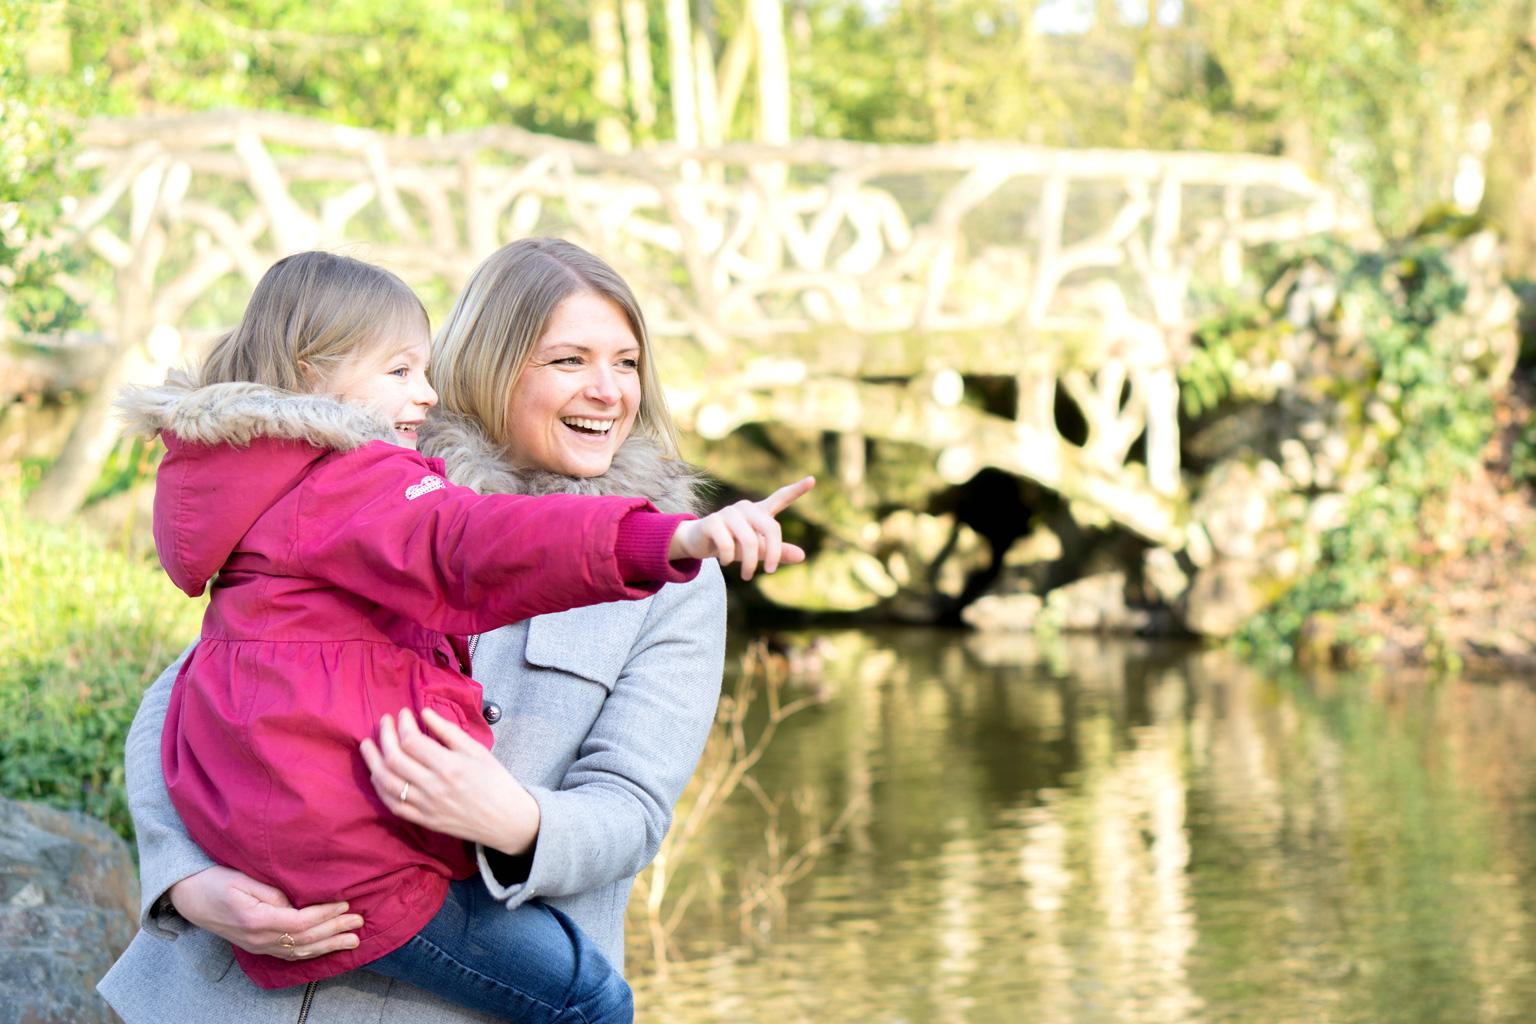 1web-positive-attitude-joie-enfant-parents-parc-conseils-article-blog-oberthur-lifestyle-papeterie-rennes